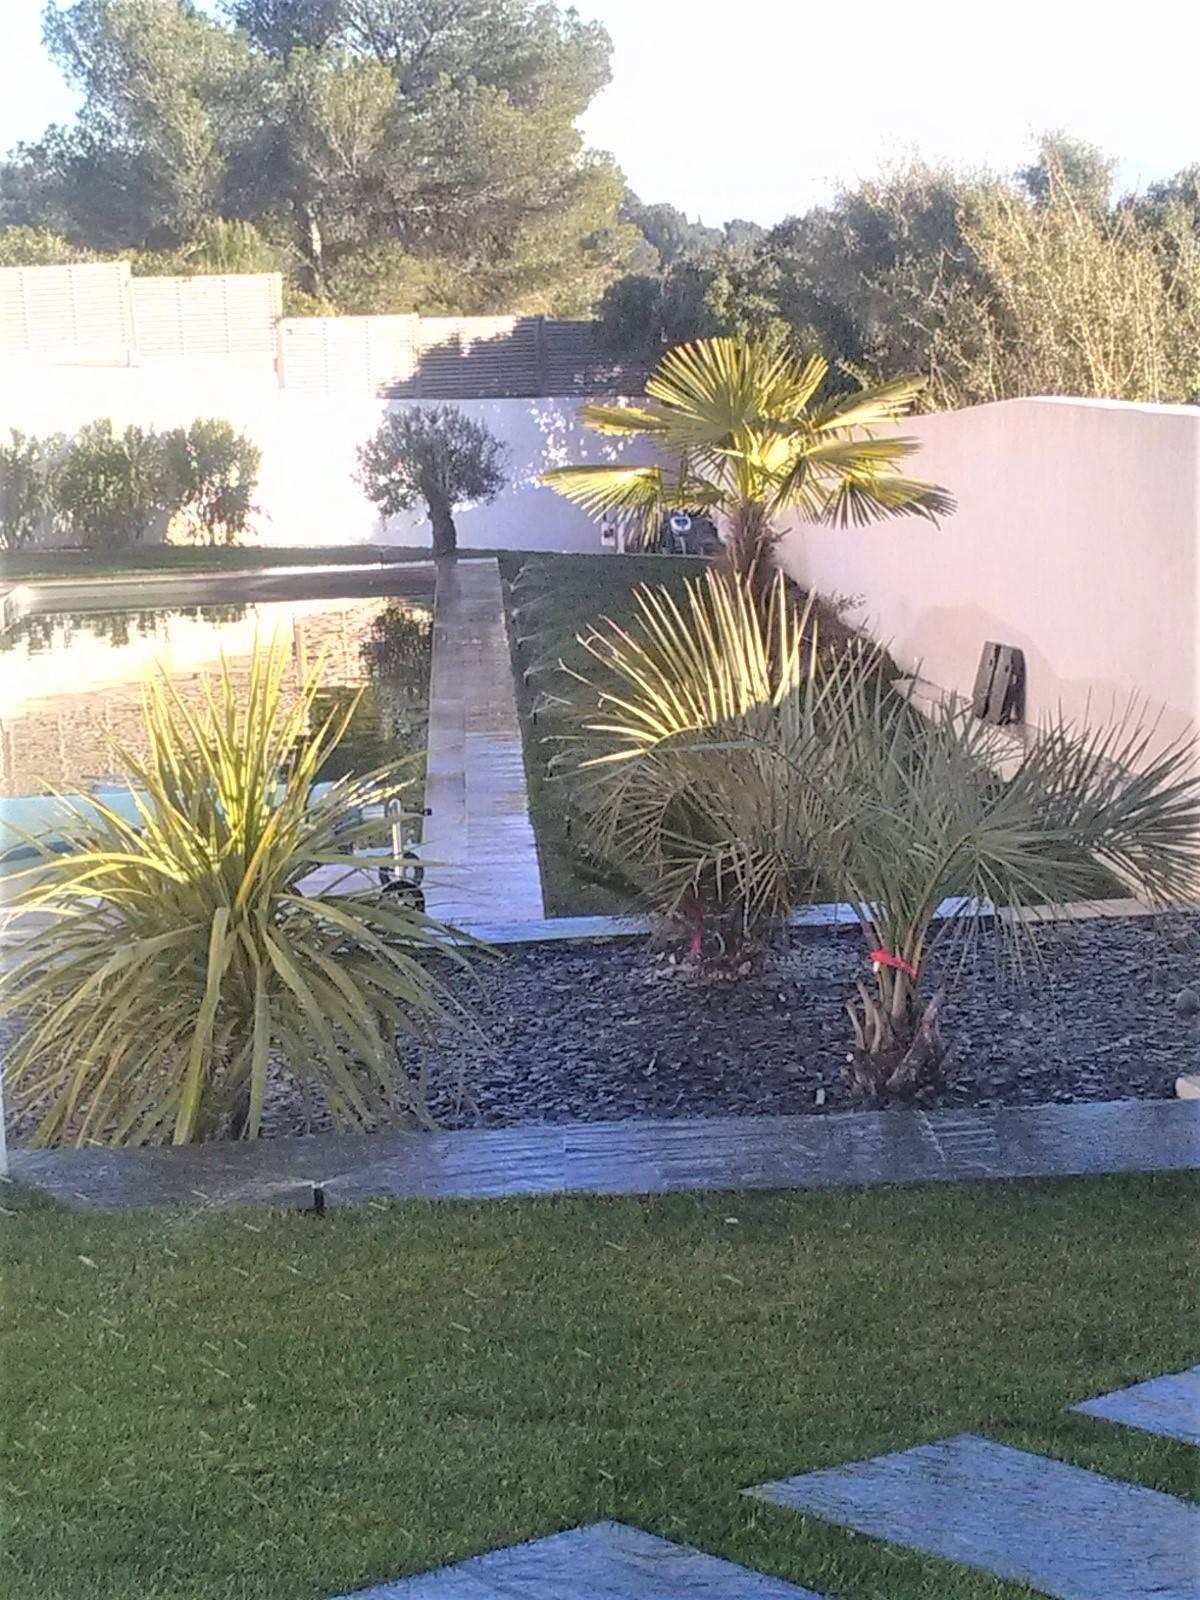 Am nagement d 39 un jardin moderne avec des plantes exotiques autour d 39 une piscine eguilles 13510 - Amenagement d un jardin ...